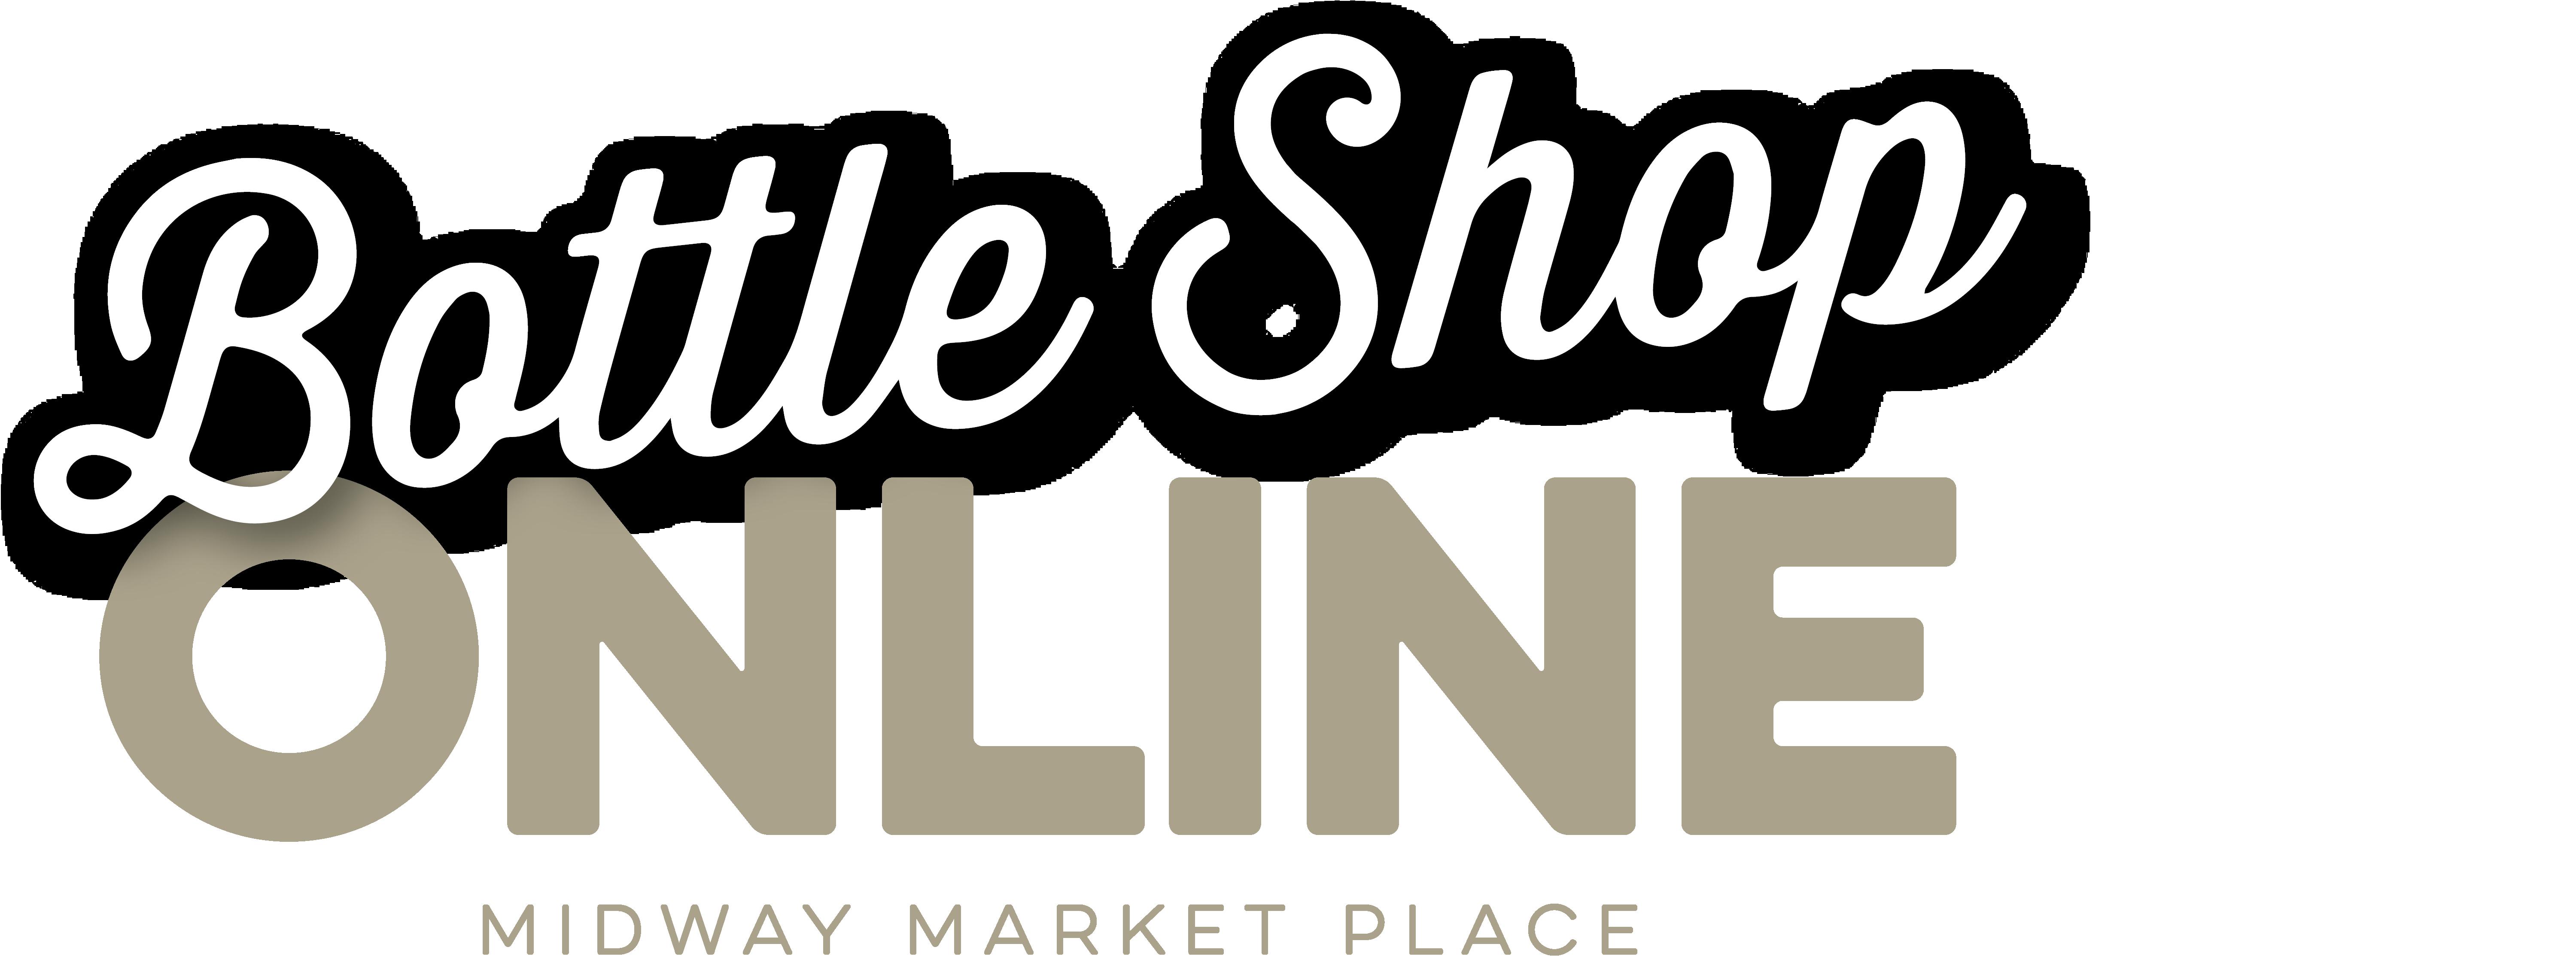 Midway Market Bottle Shop